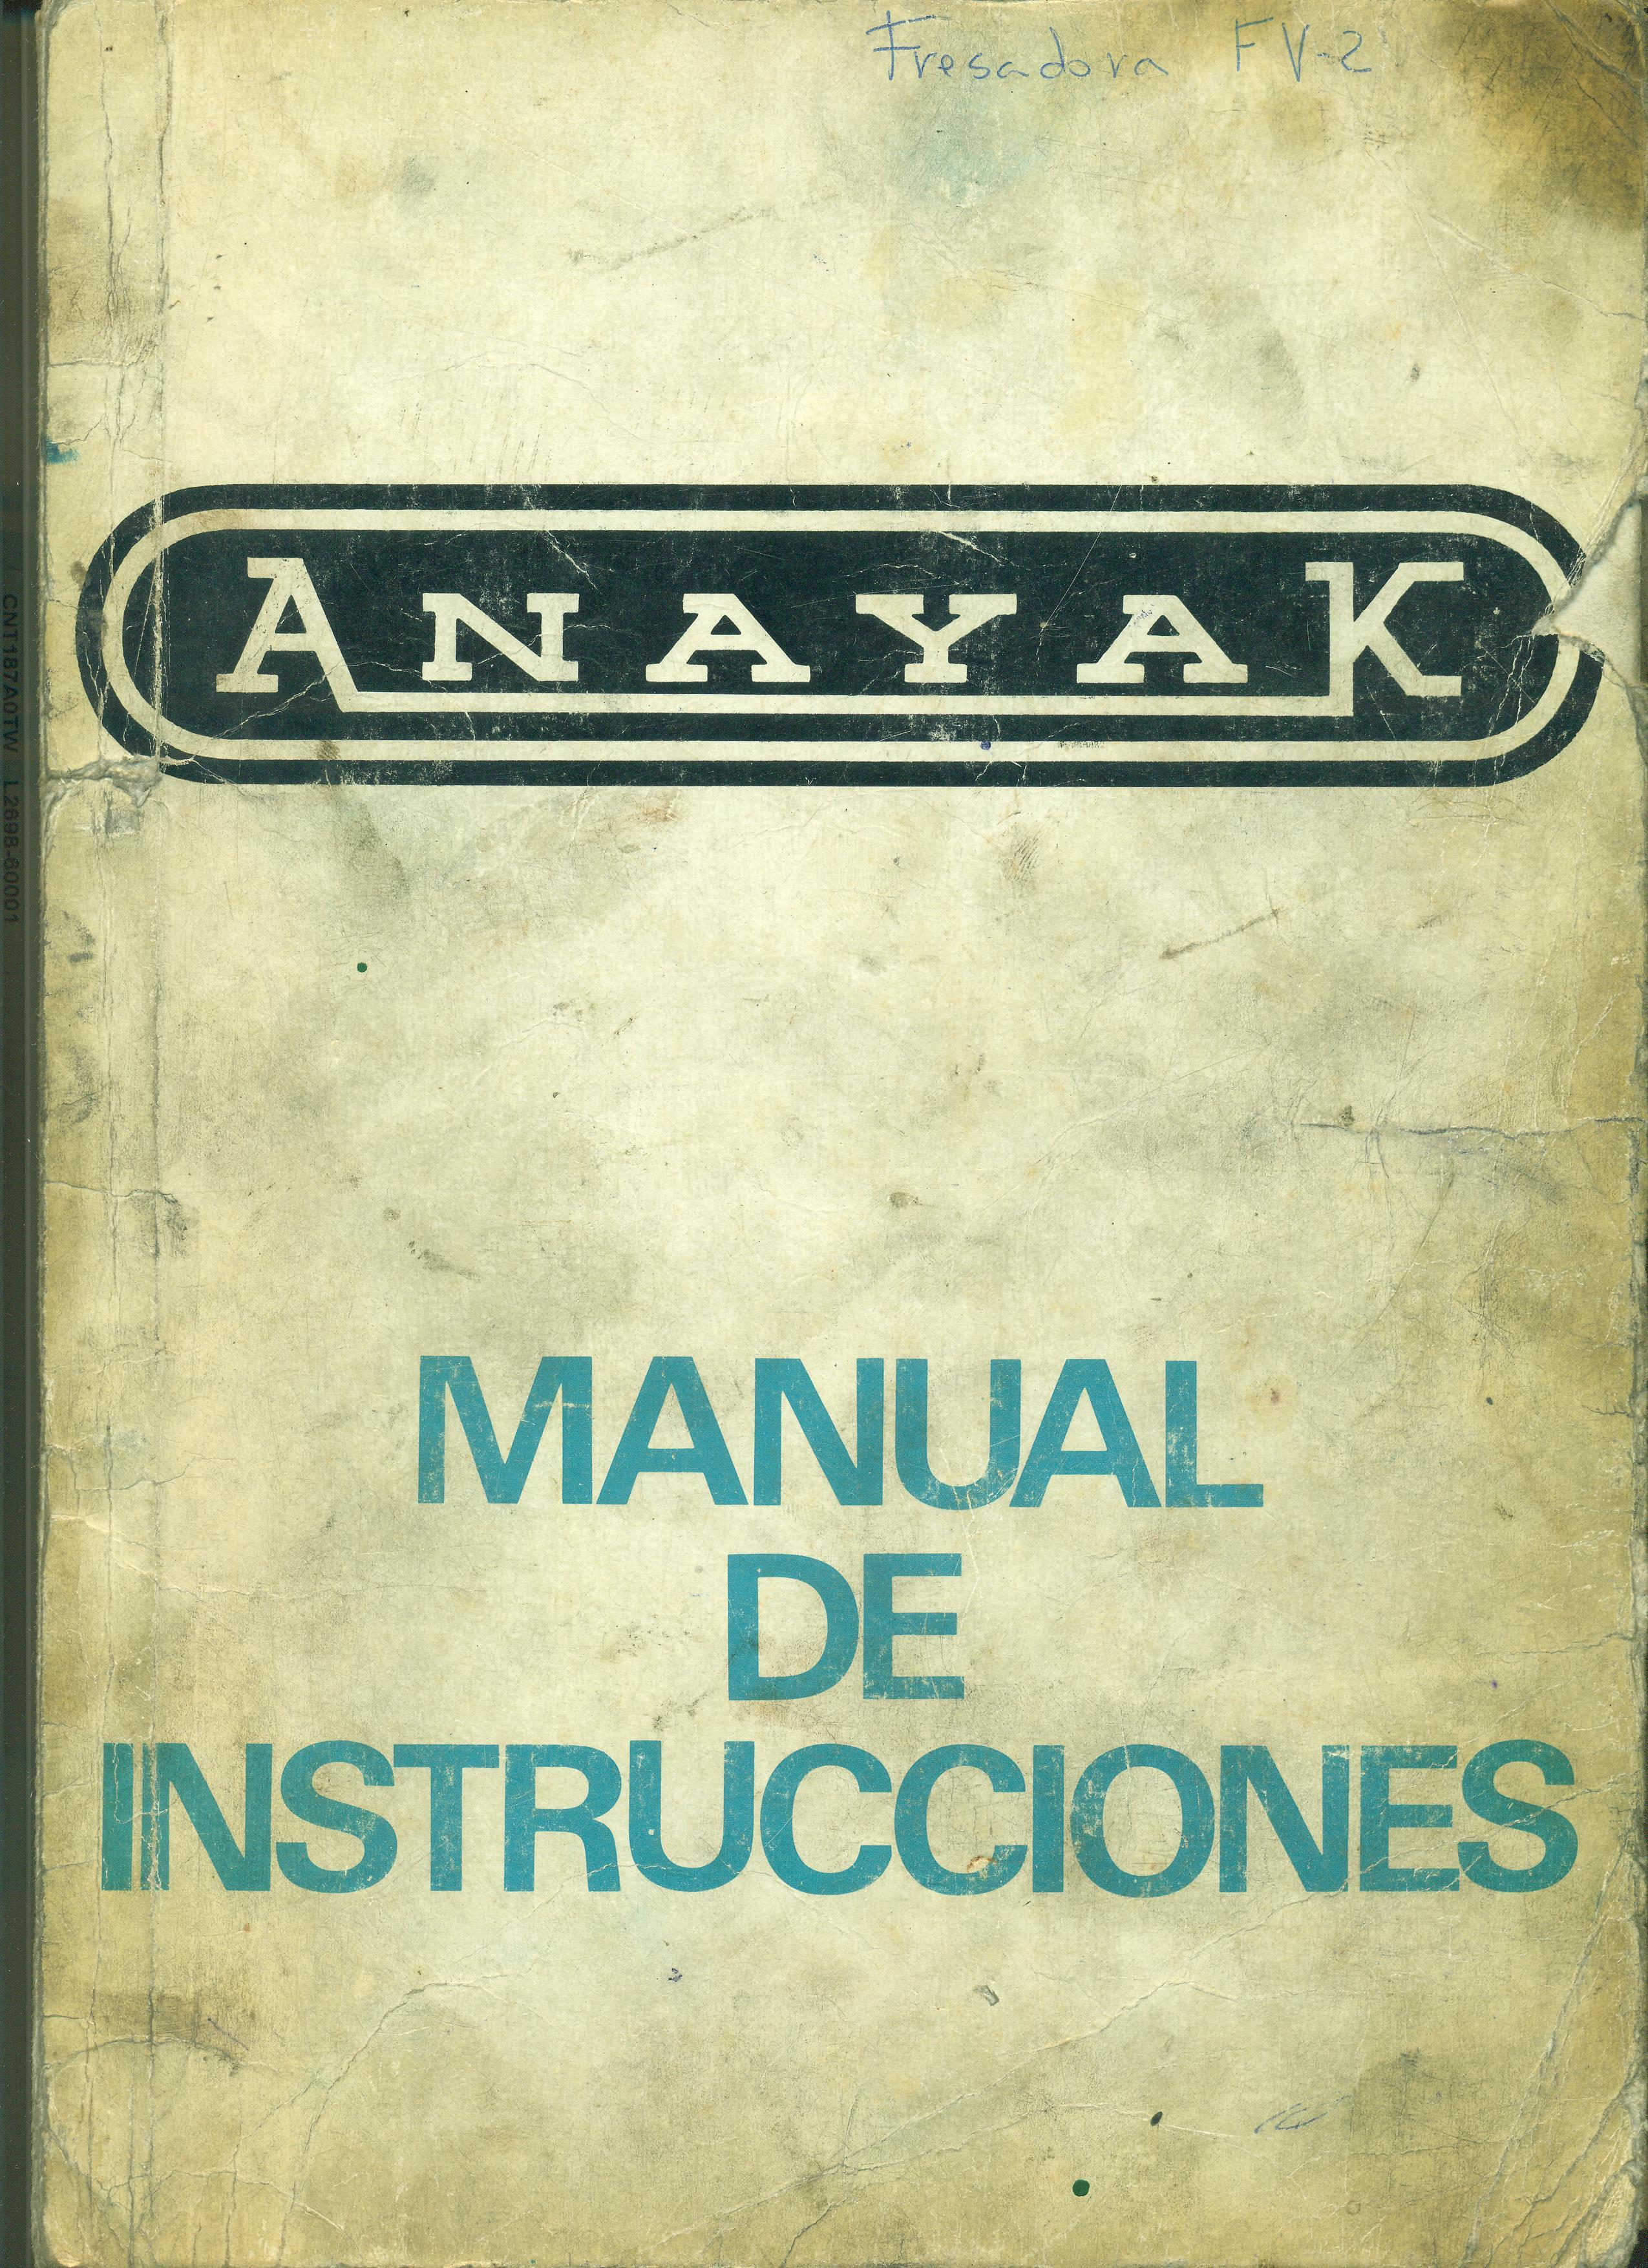 Manual de instrucciones Fresadoras de Torreta ANAYAK. Mod. FV-2